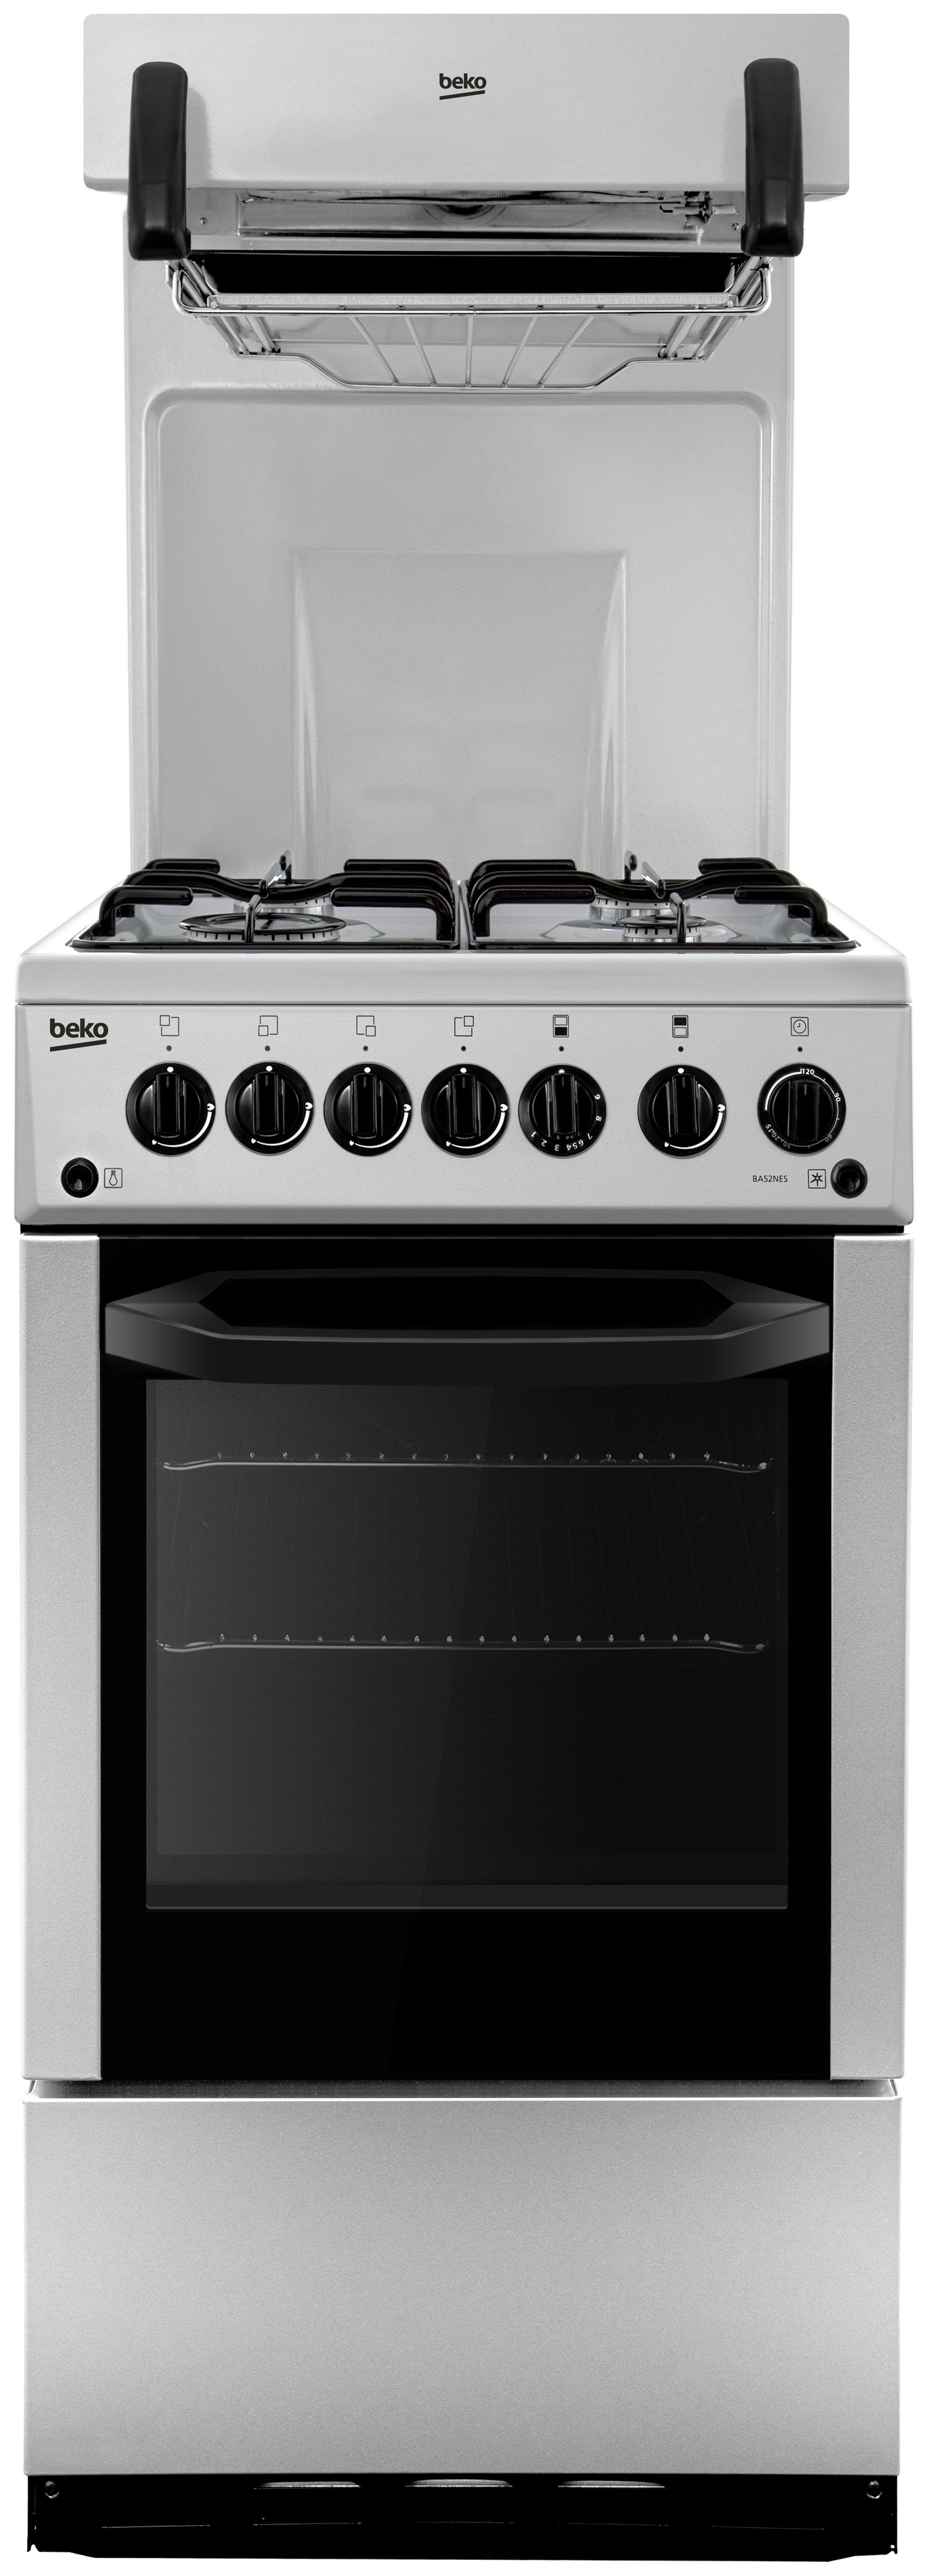 Beko - BA52NES - Gas Cooker - Silver